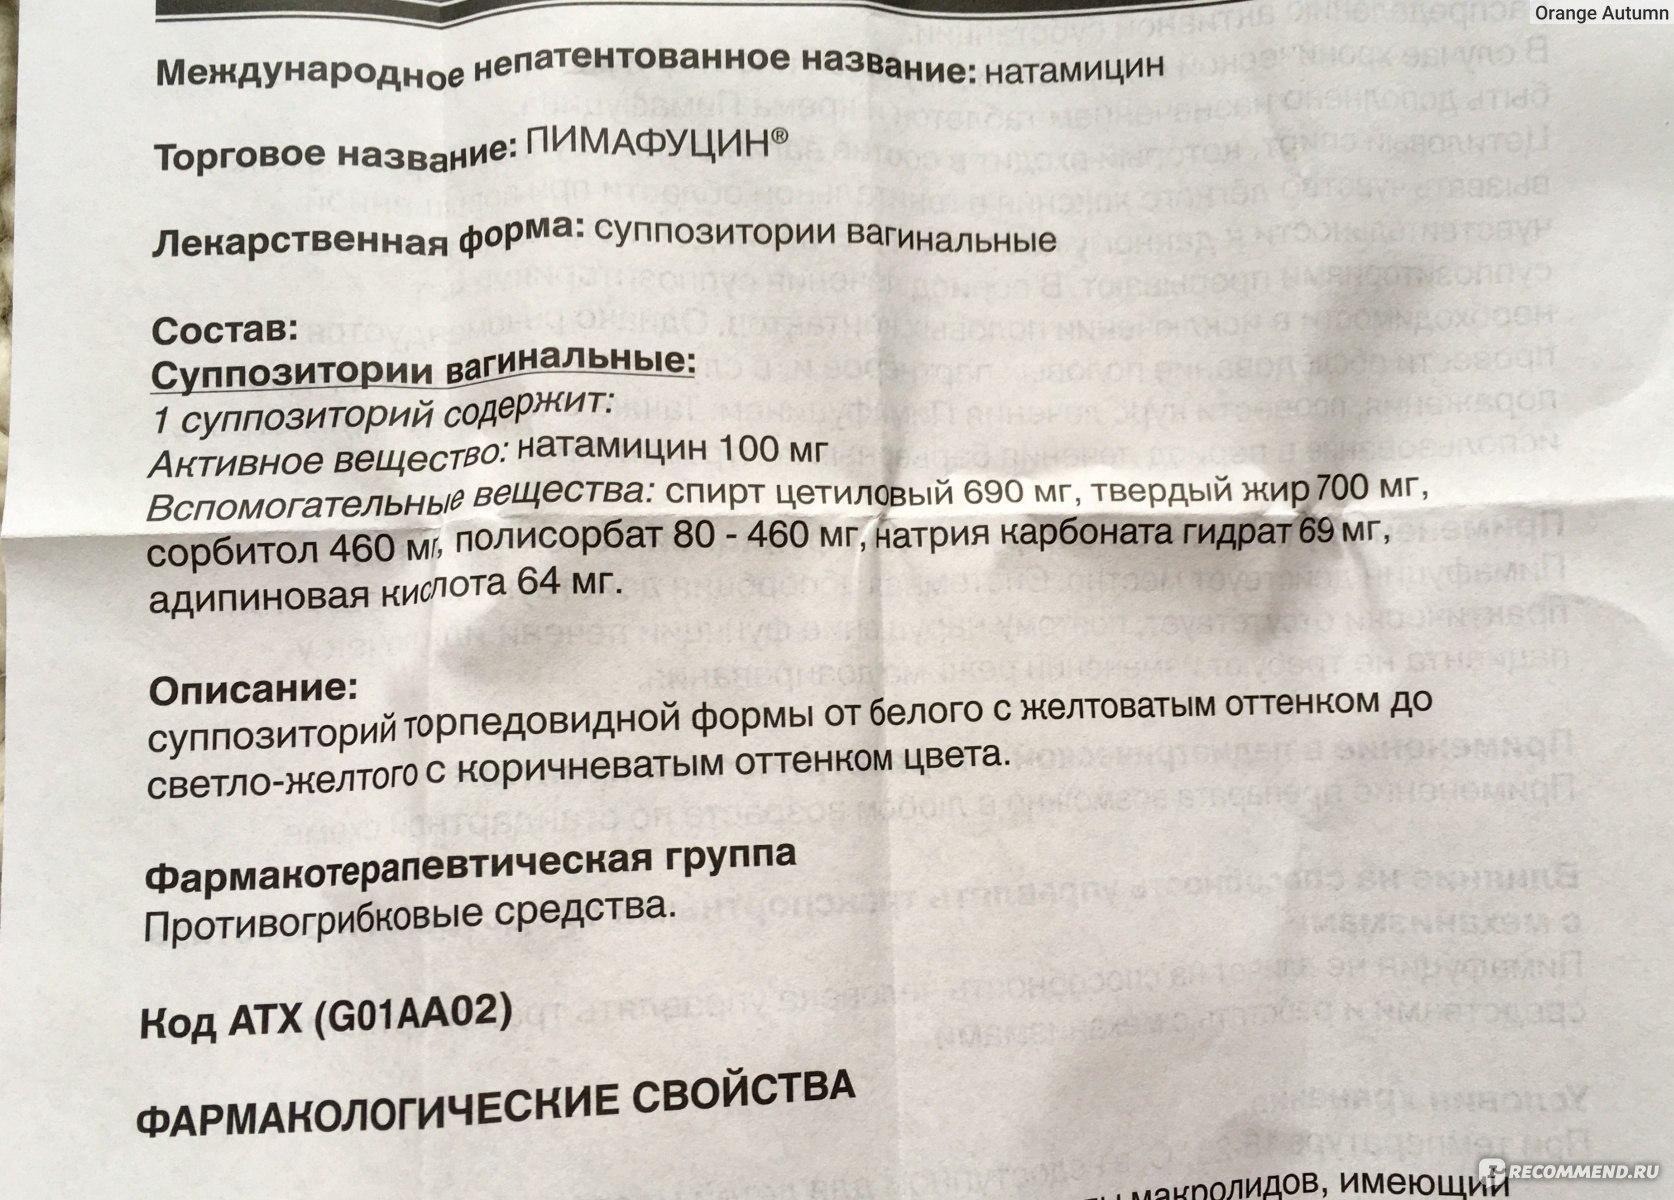 Пимафуцин суппозитории вагин по мг 3 инструкция по применению